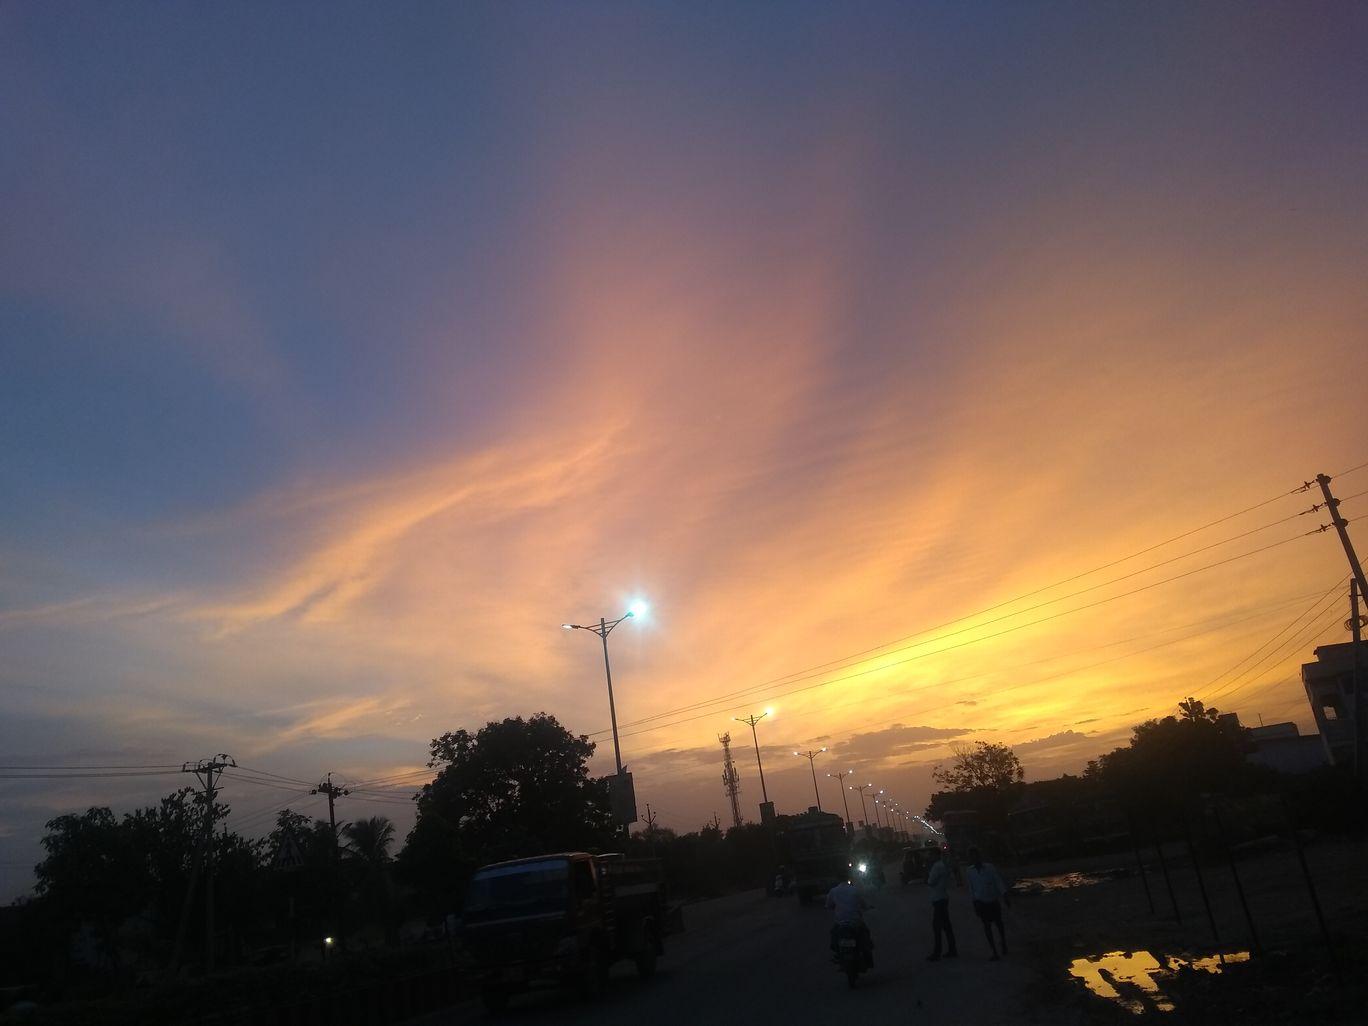 Photo of Vijayawada By Charishma Viswanadham